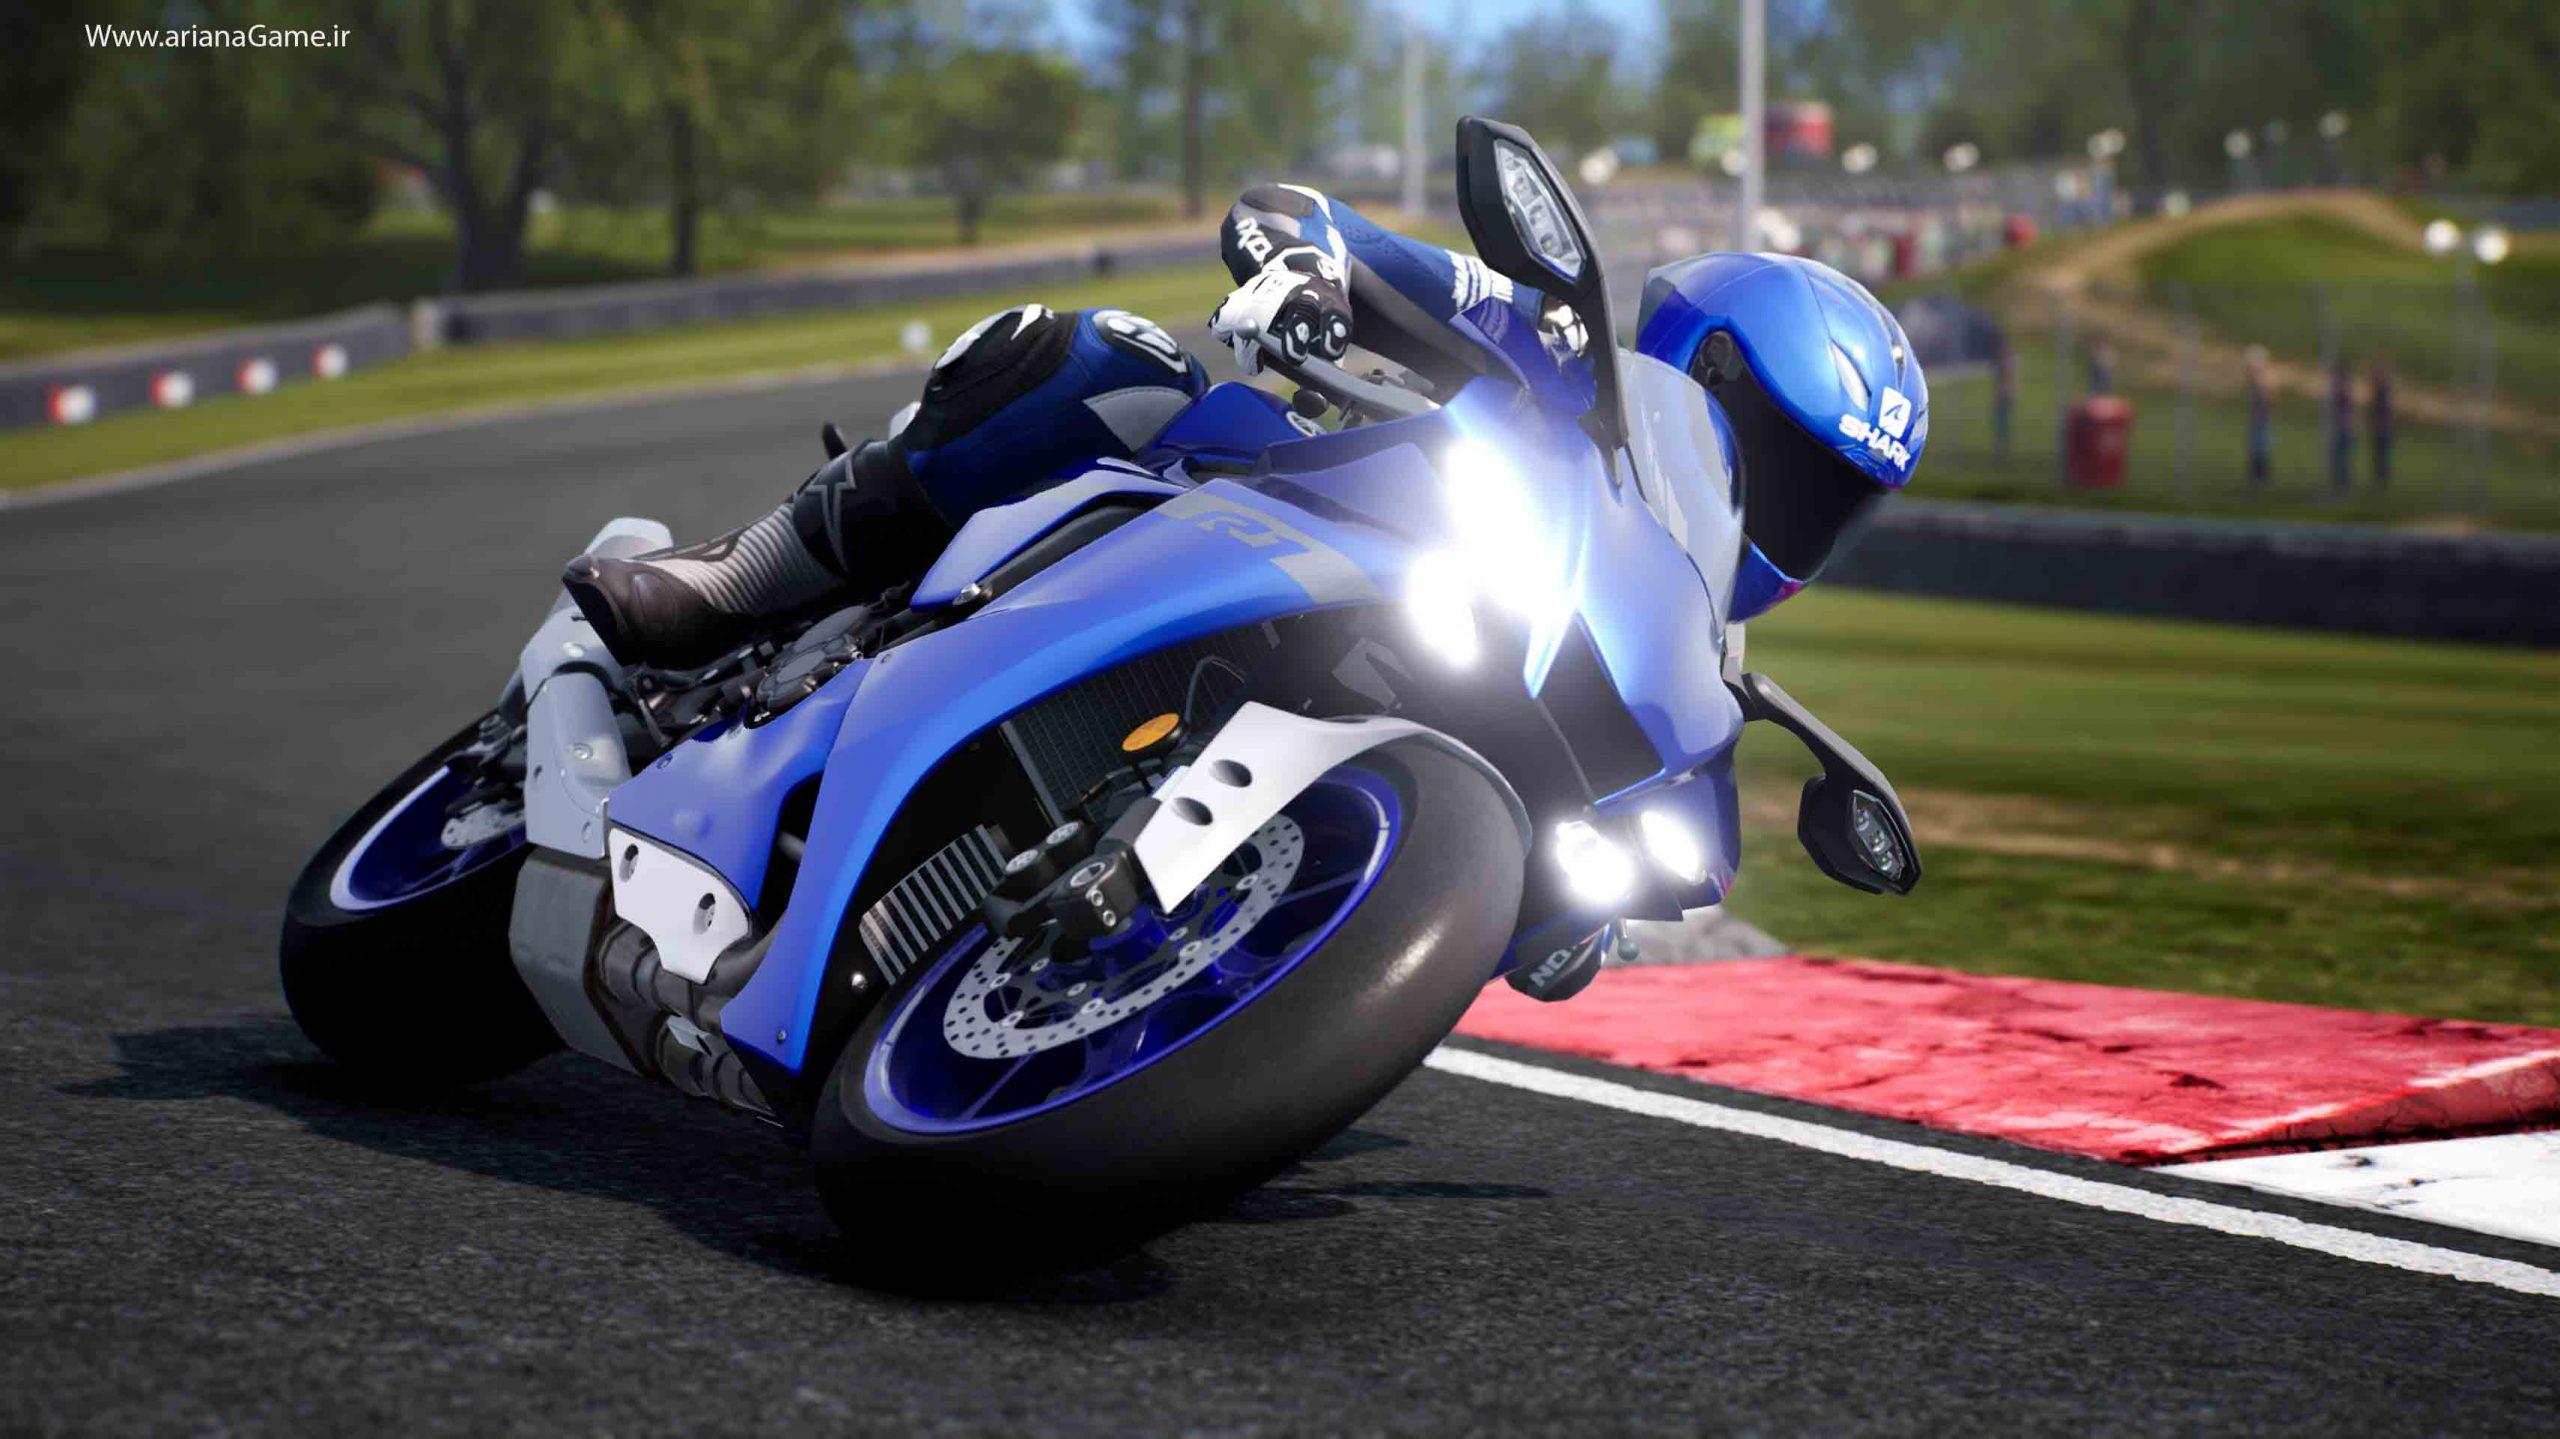 خرید بازی Ride 4 Complete the Set Edition